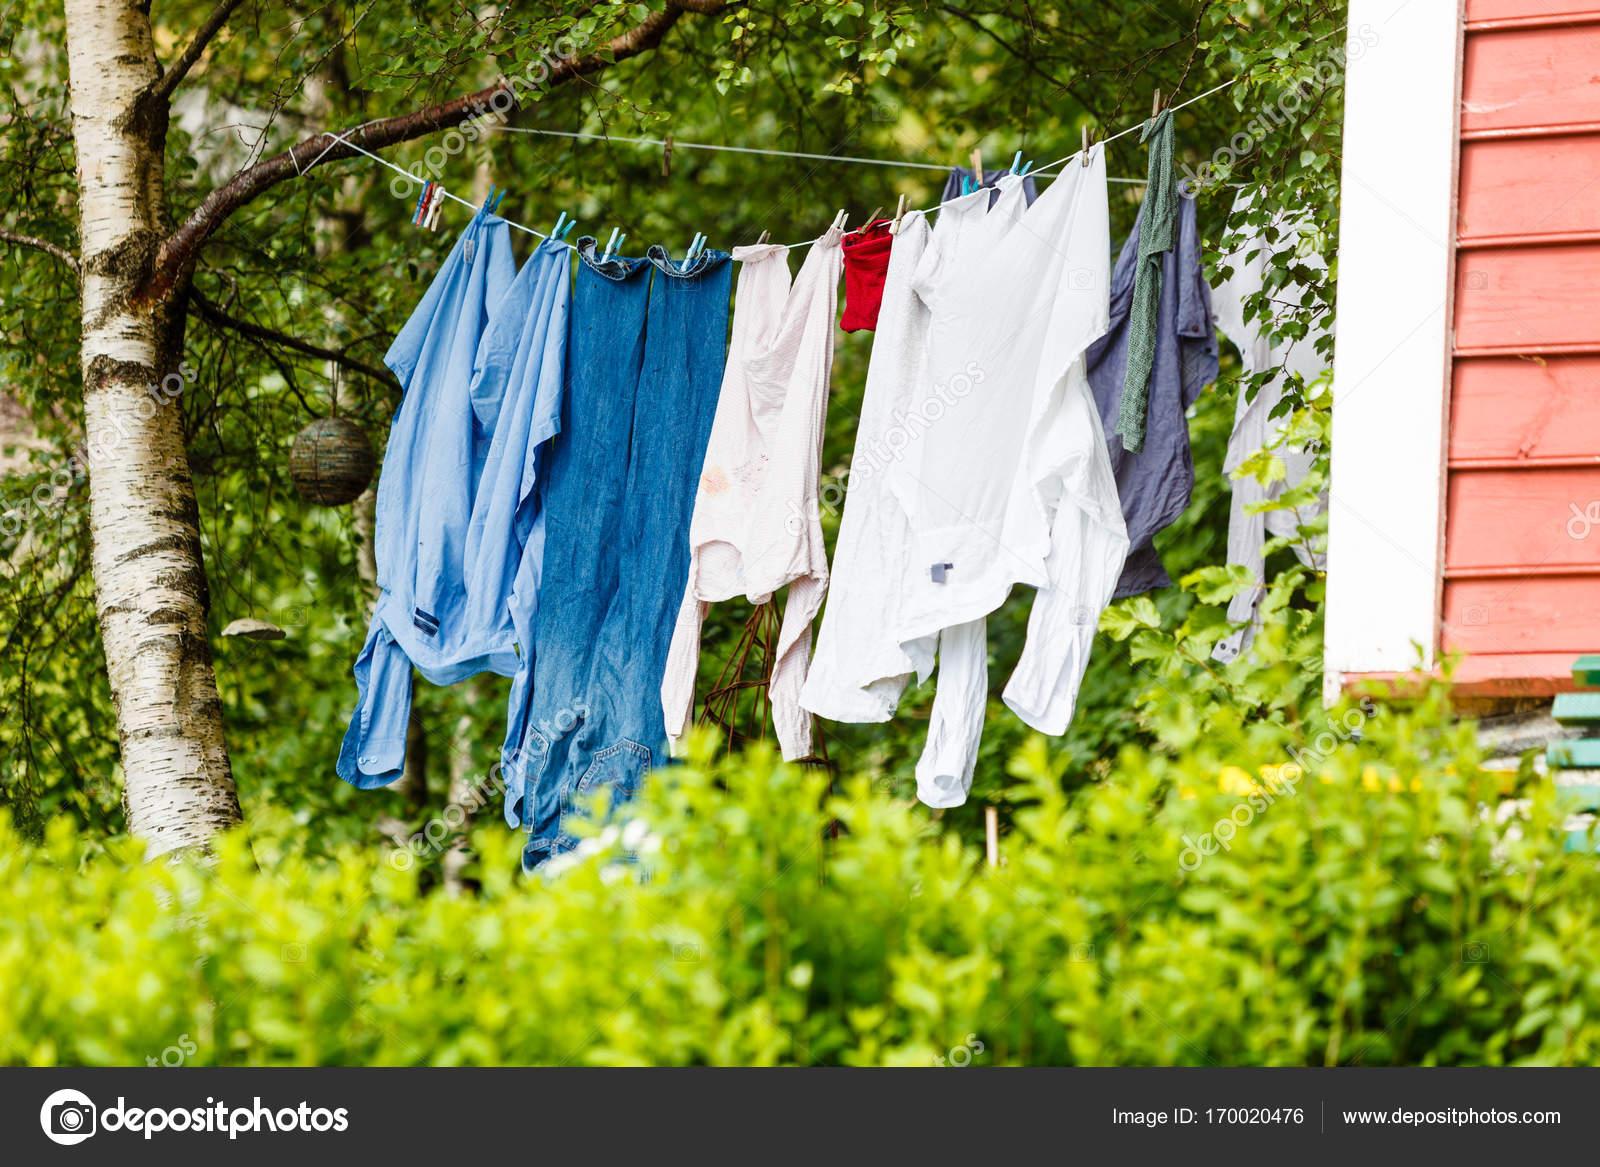 Wäsche trocknen draußen im grünen Landschaft — Stockfoto ...